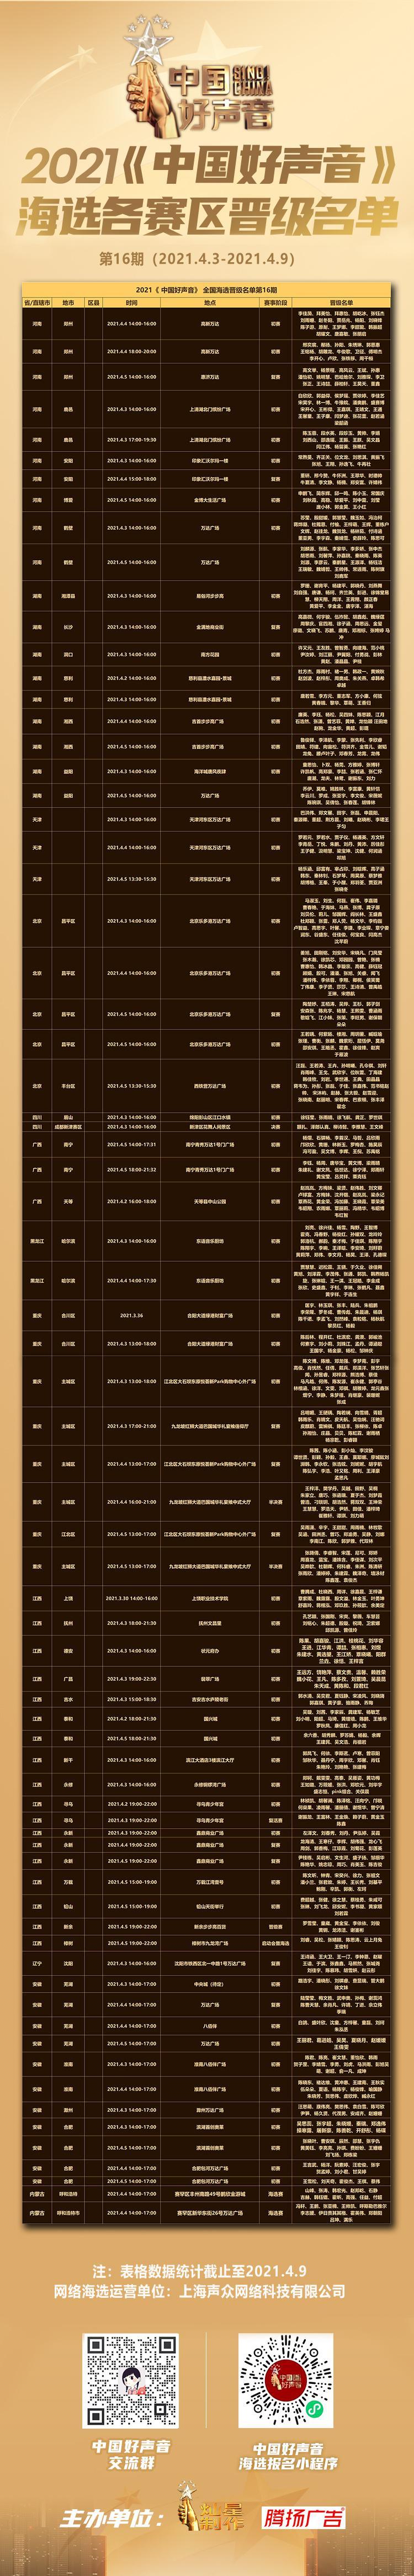 2021中国好声音海选各赛区晋级名单公示第16期(2021.4.3-2021.4.9)